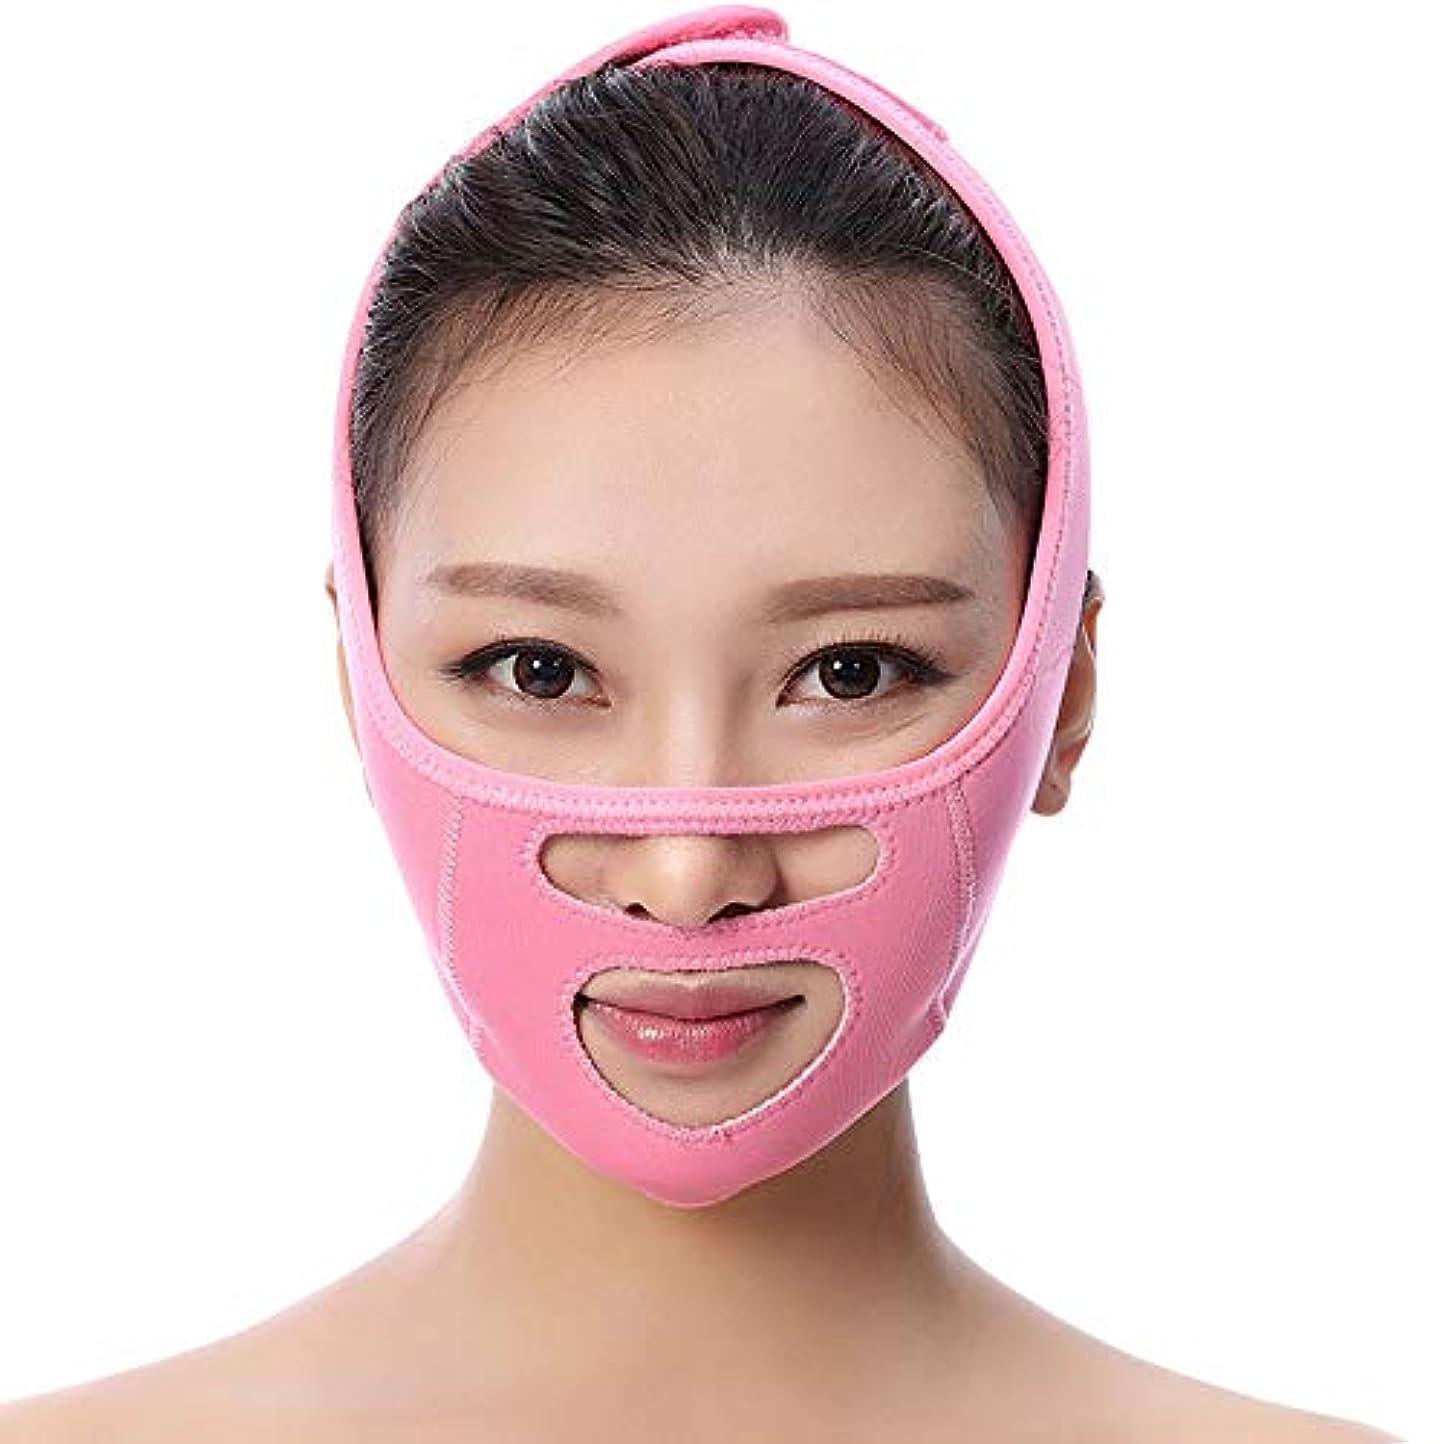 ライフルマンハッタンオフフェイスリフトマスク、薄型フェイスベルトを眠らせる/フェイスフェイスリフトアーチファクト(ブルー/ピンク)を令状にするために美容フェイスリフト包帯を強化,Pink